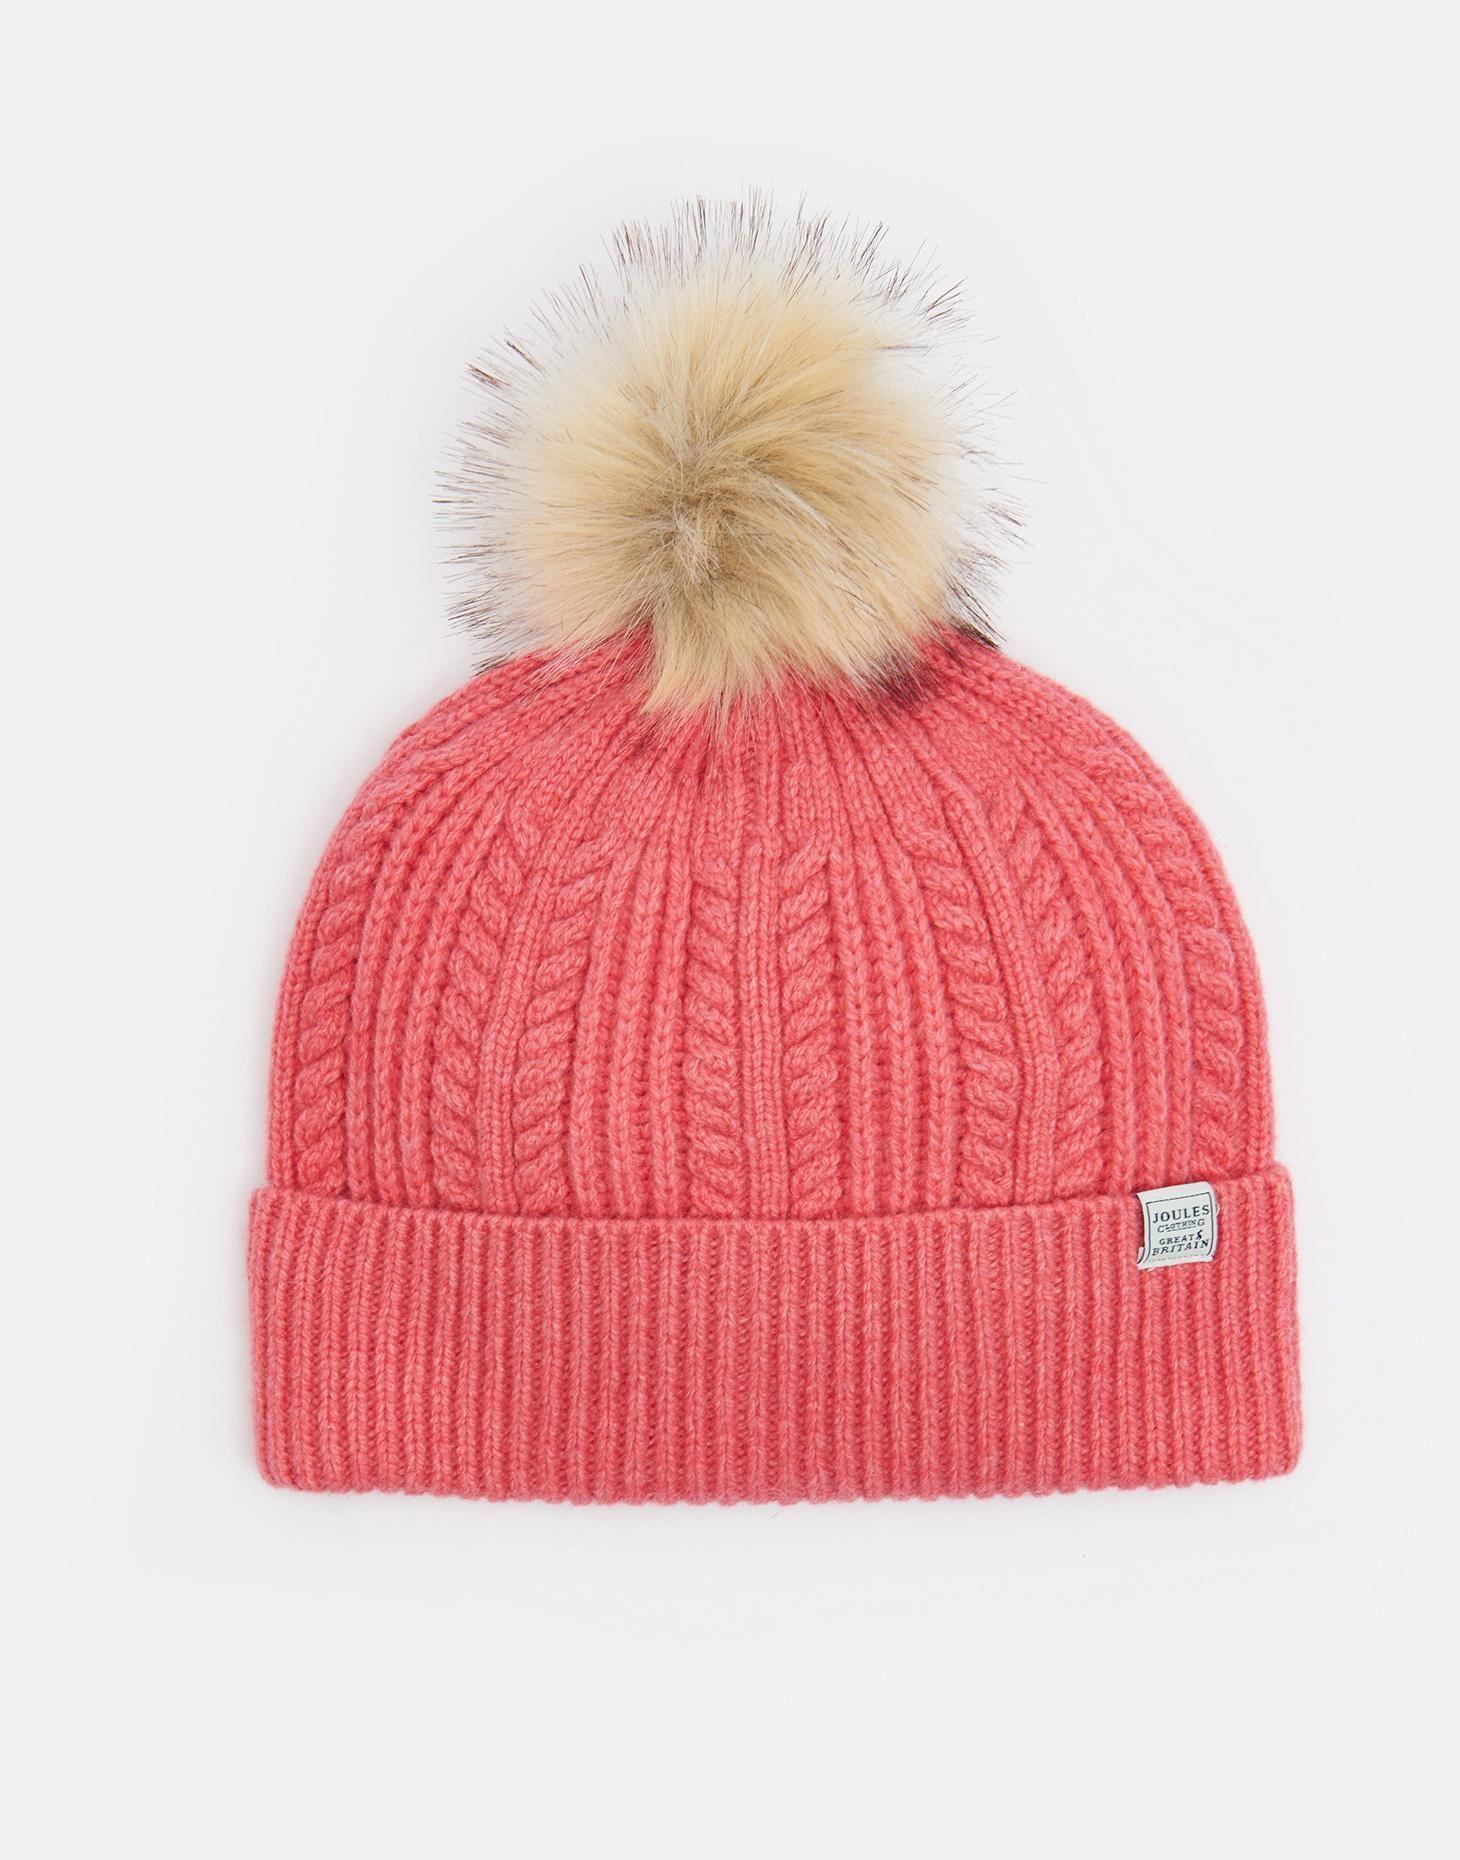 5dac5e68c5d5c Bobble Soft Coral Hat